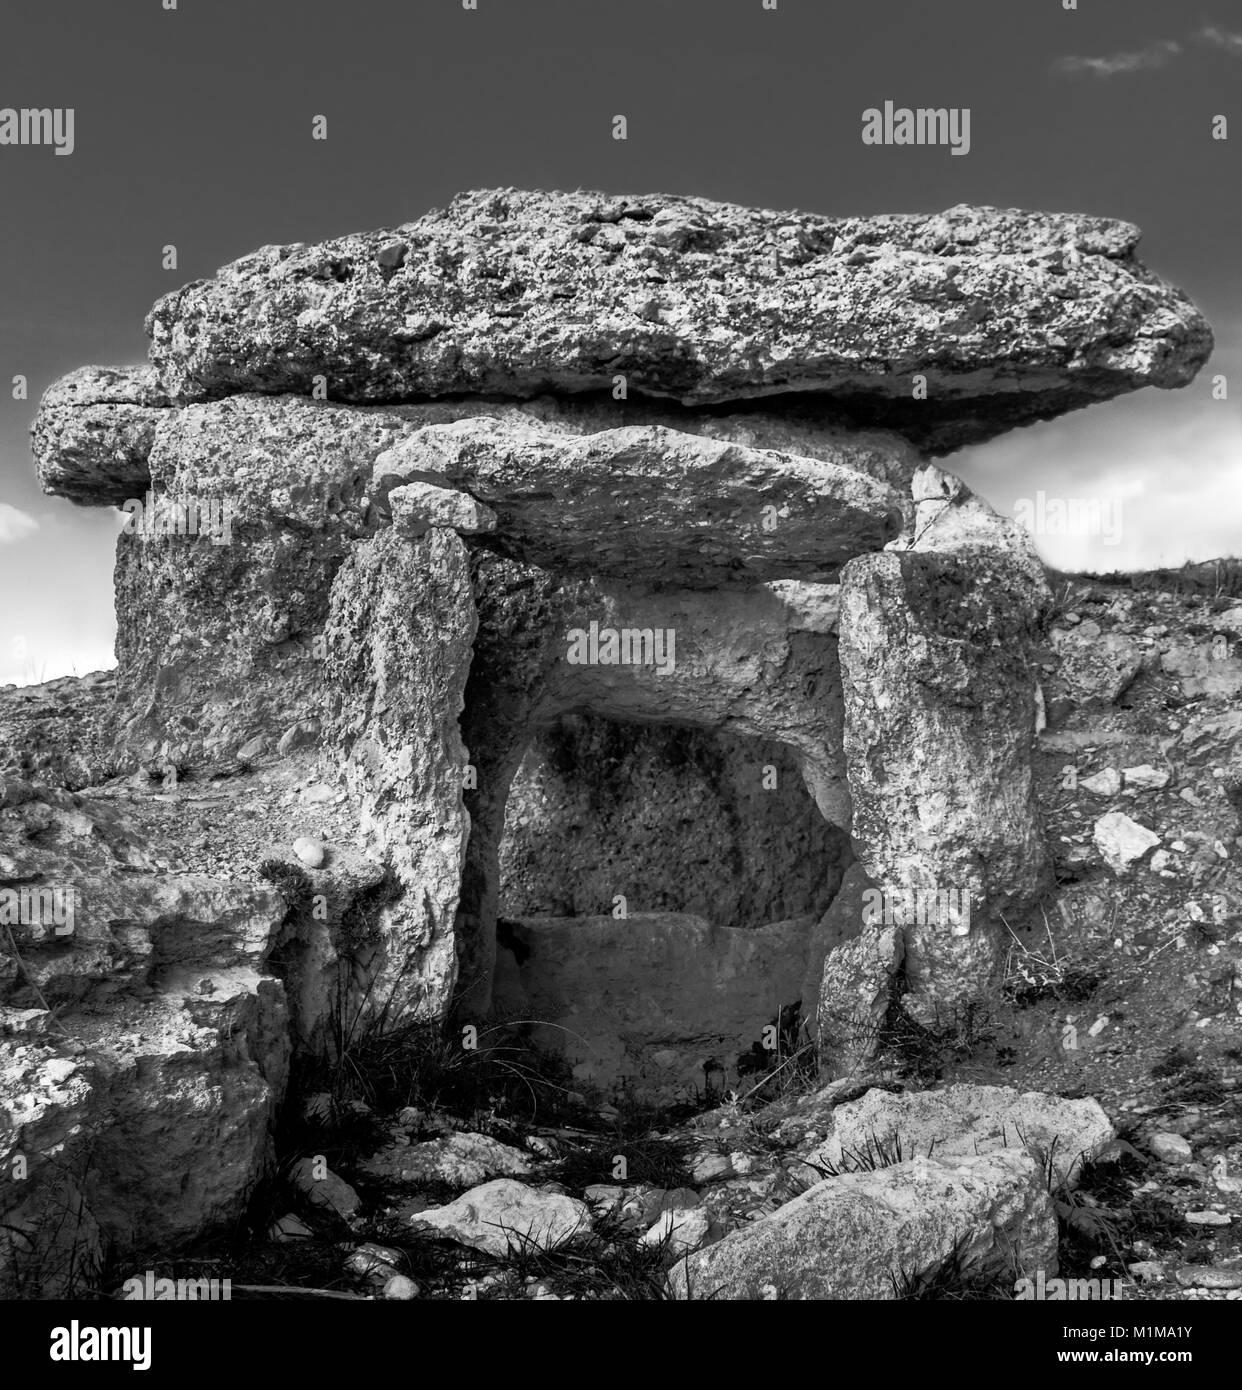 Dolmen in Spain - Stock Image